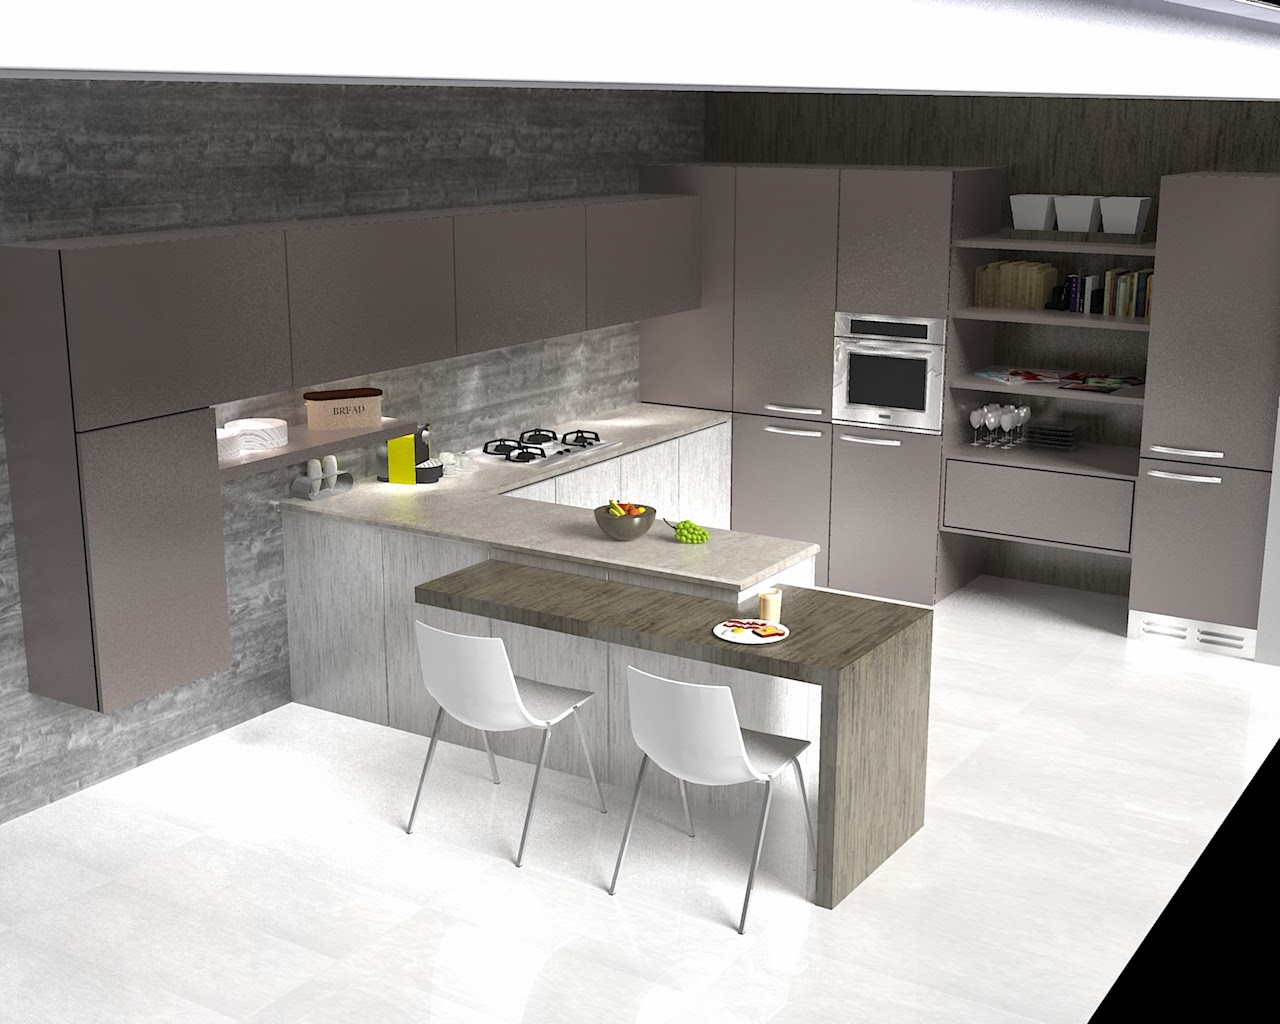 Simo galleria dei vostri lavori cucina - Creare una cucina ...